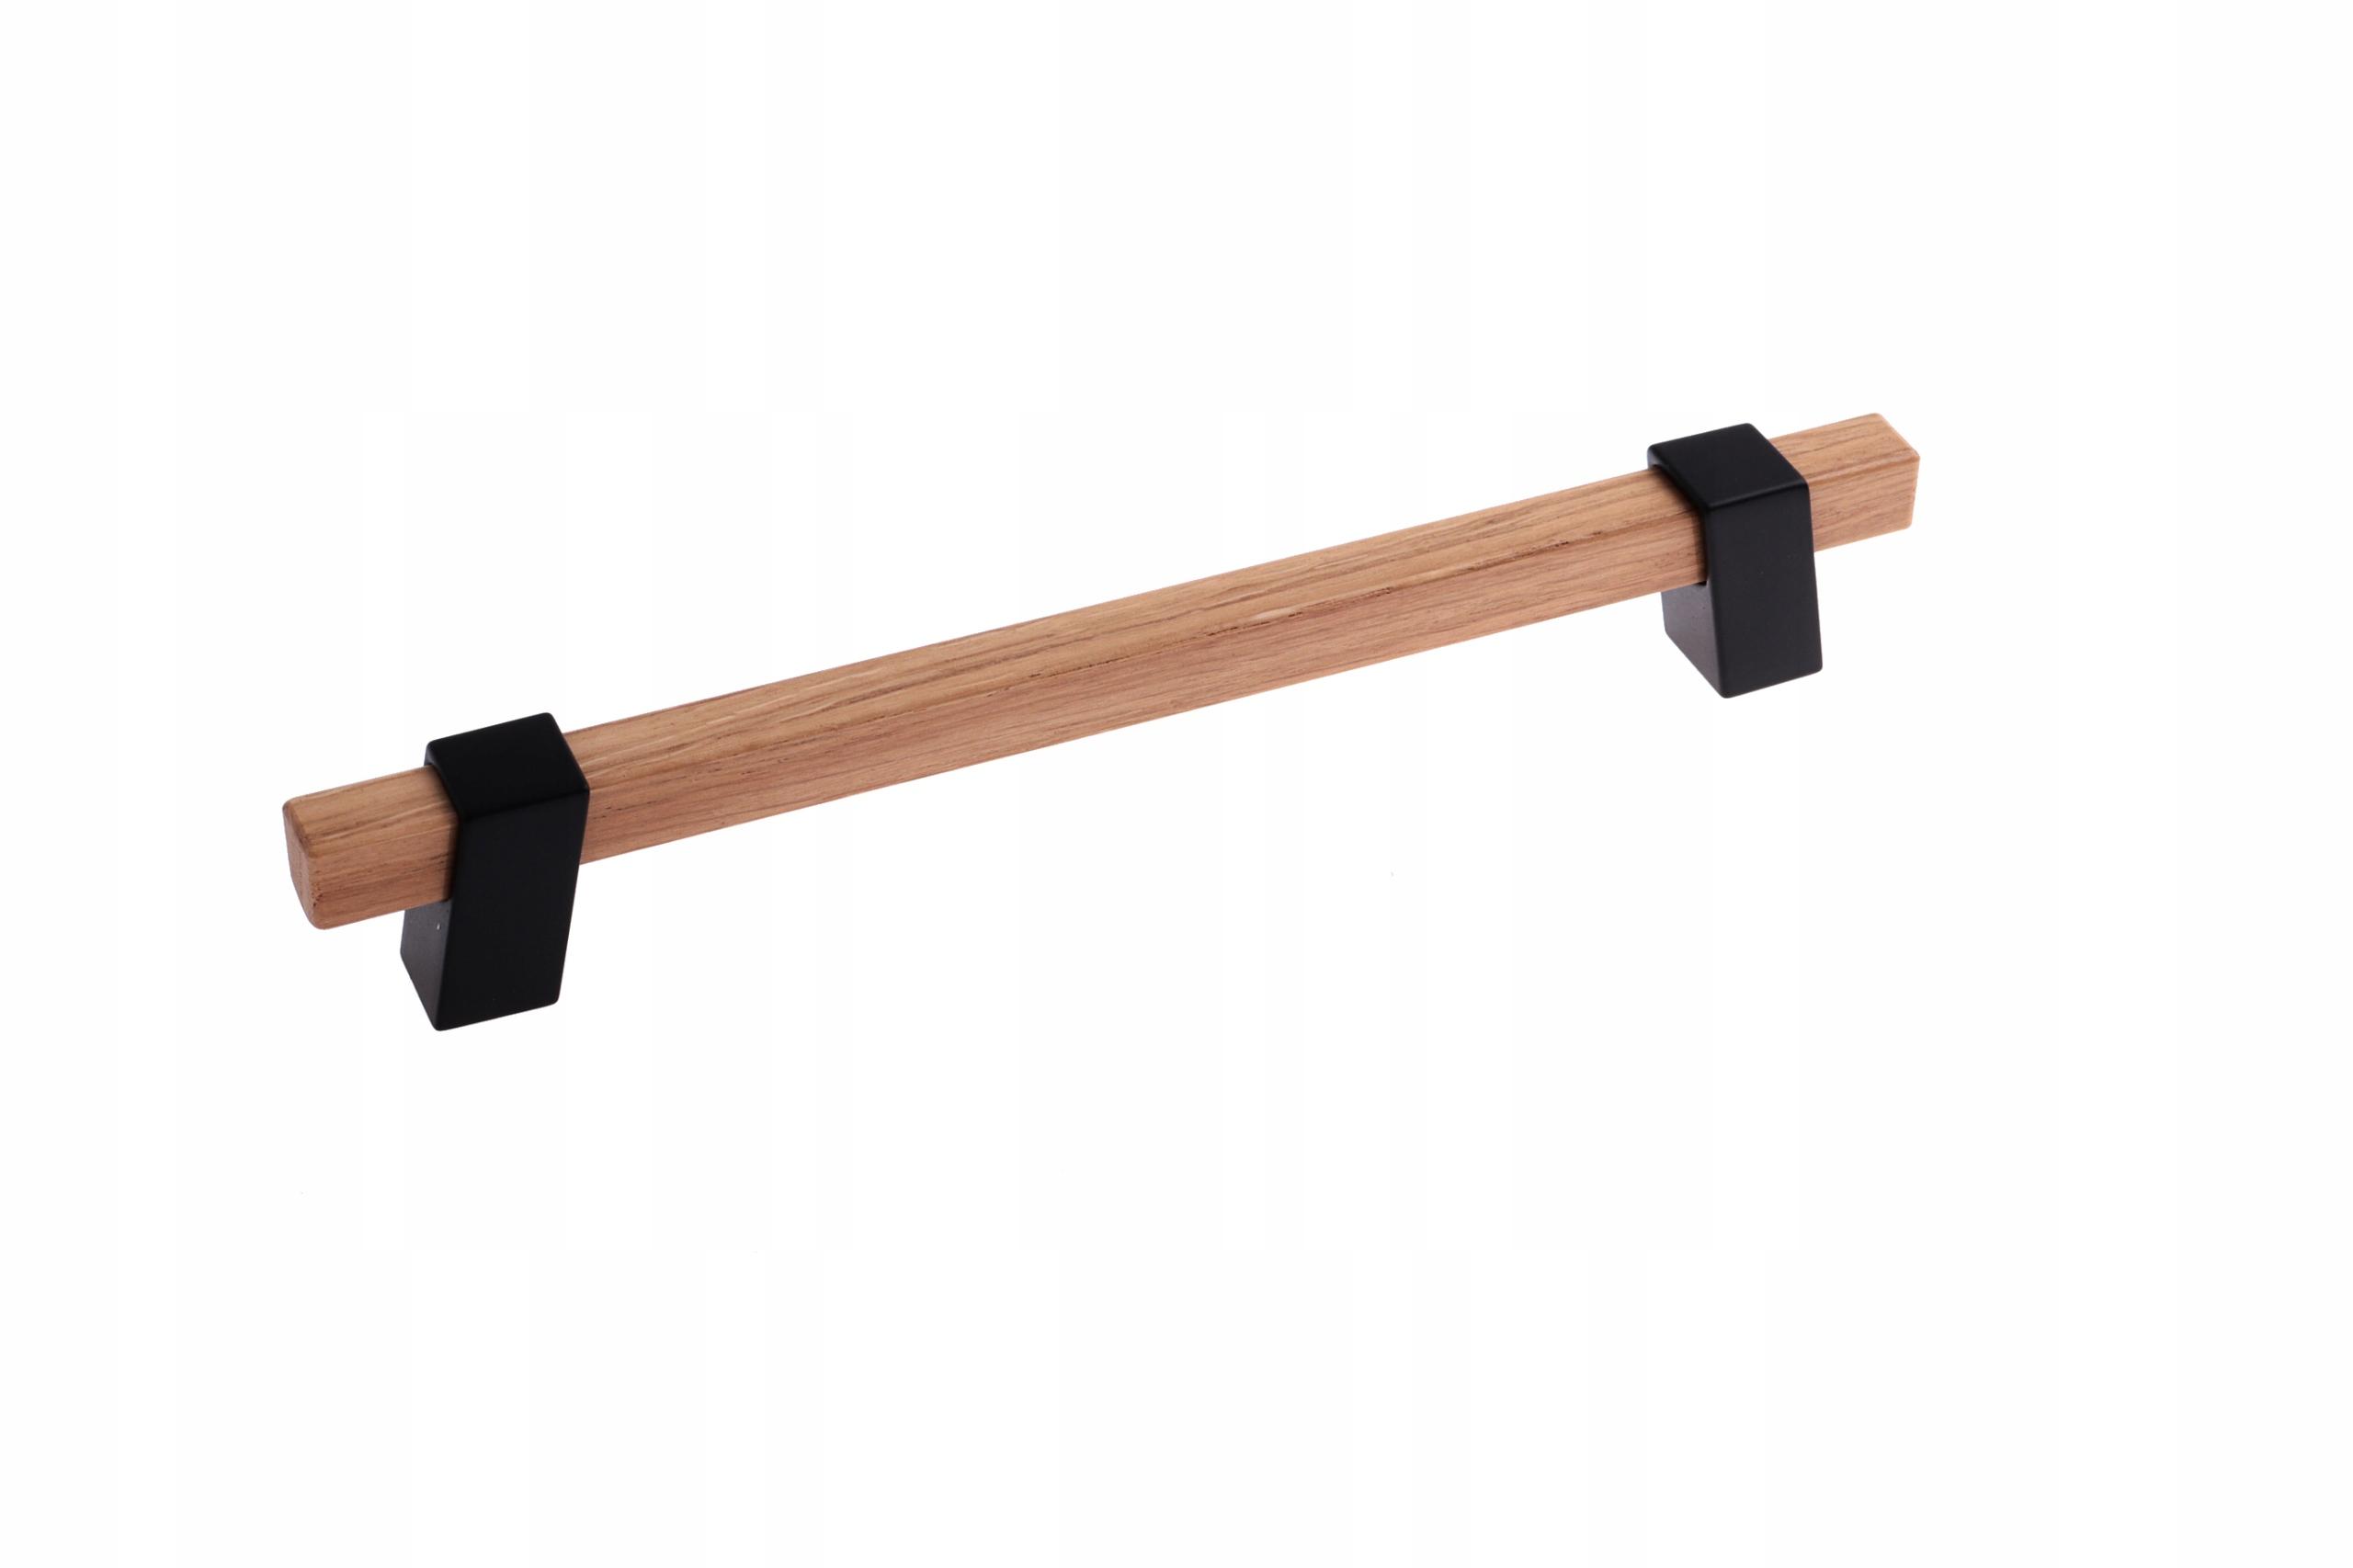 SCHWINN 2Z324 ручка мебельная деревянная 192 ЧЕРНАЯ